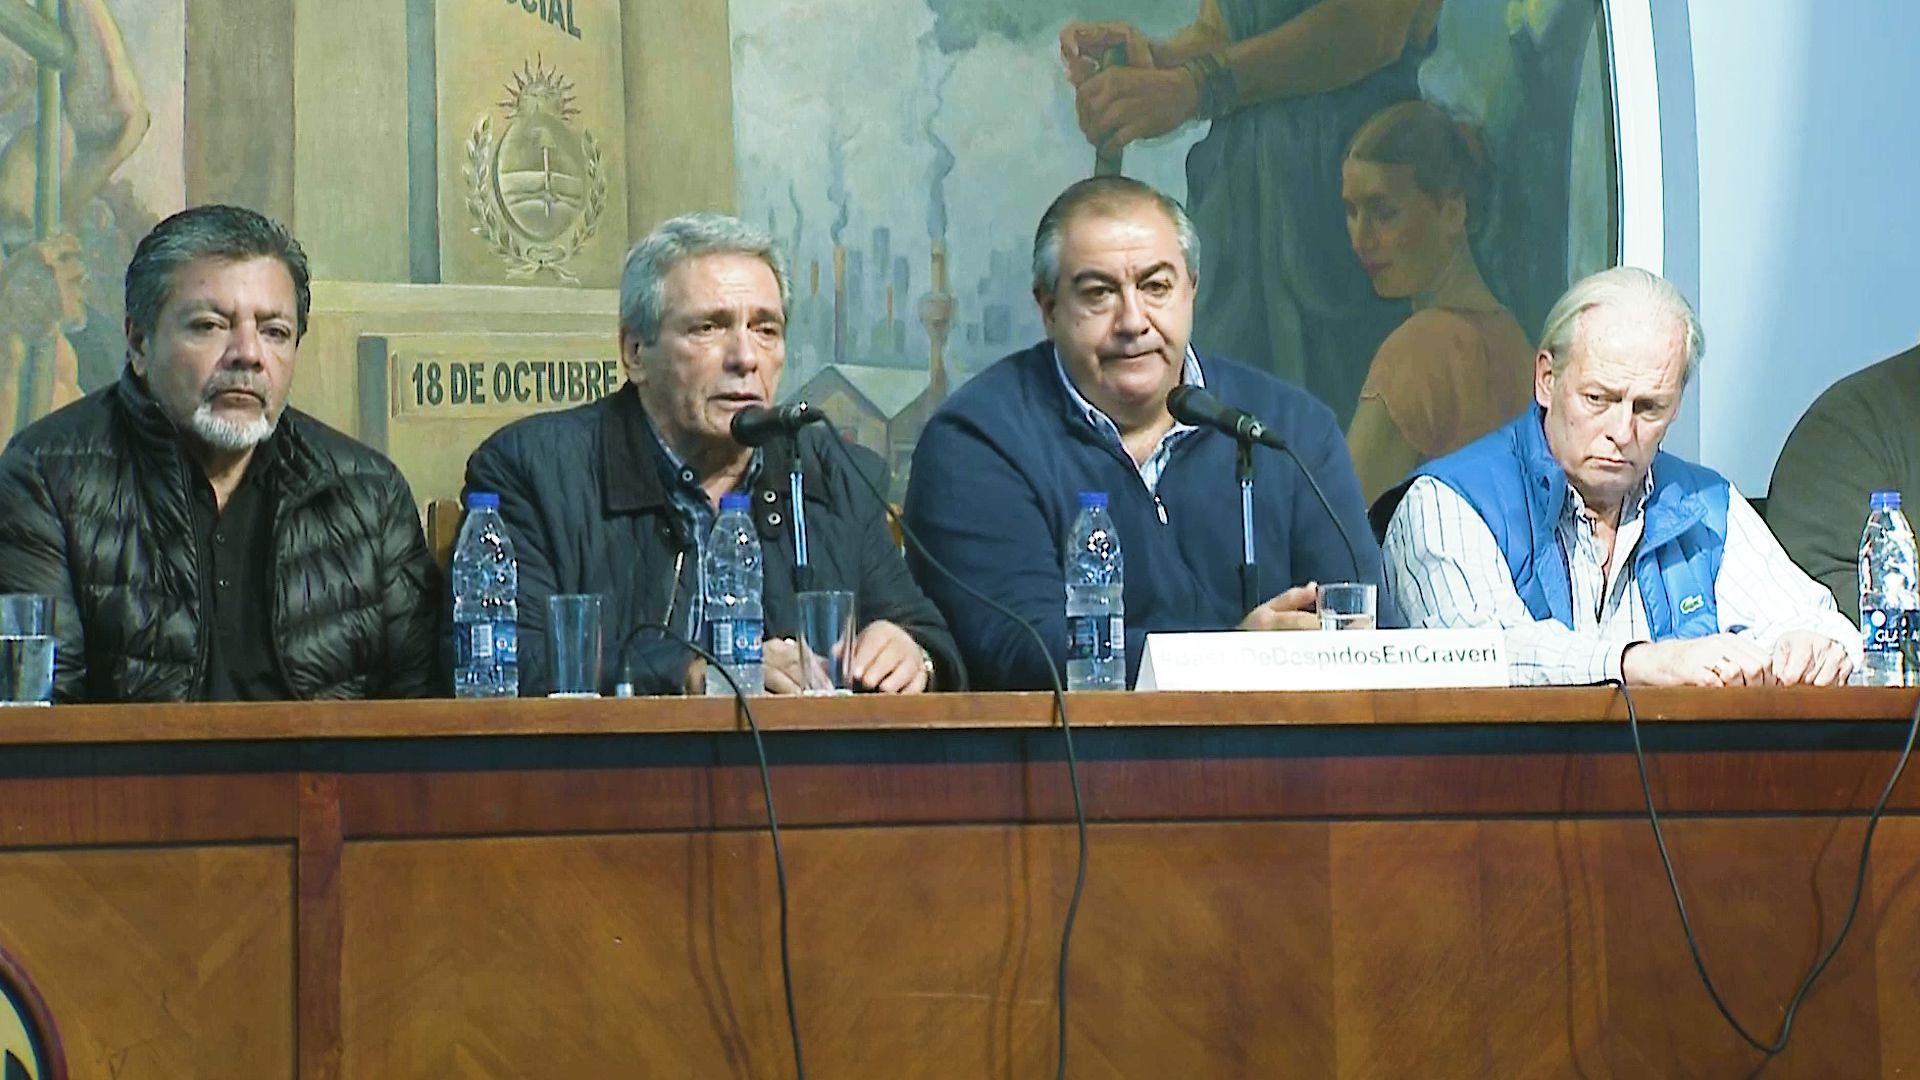 Gerardo Martínez, Carlos Acuña, Héctor Daer y Andrés Rodríguez, cuatro de los principales dirigentes de la CGT